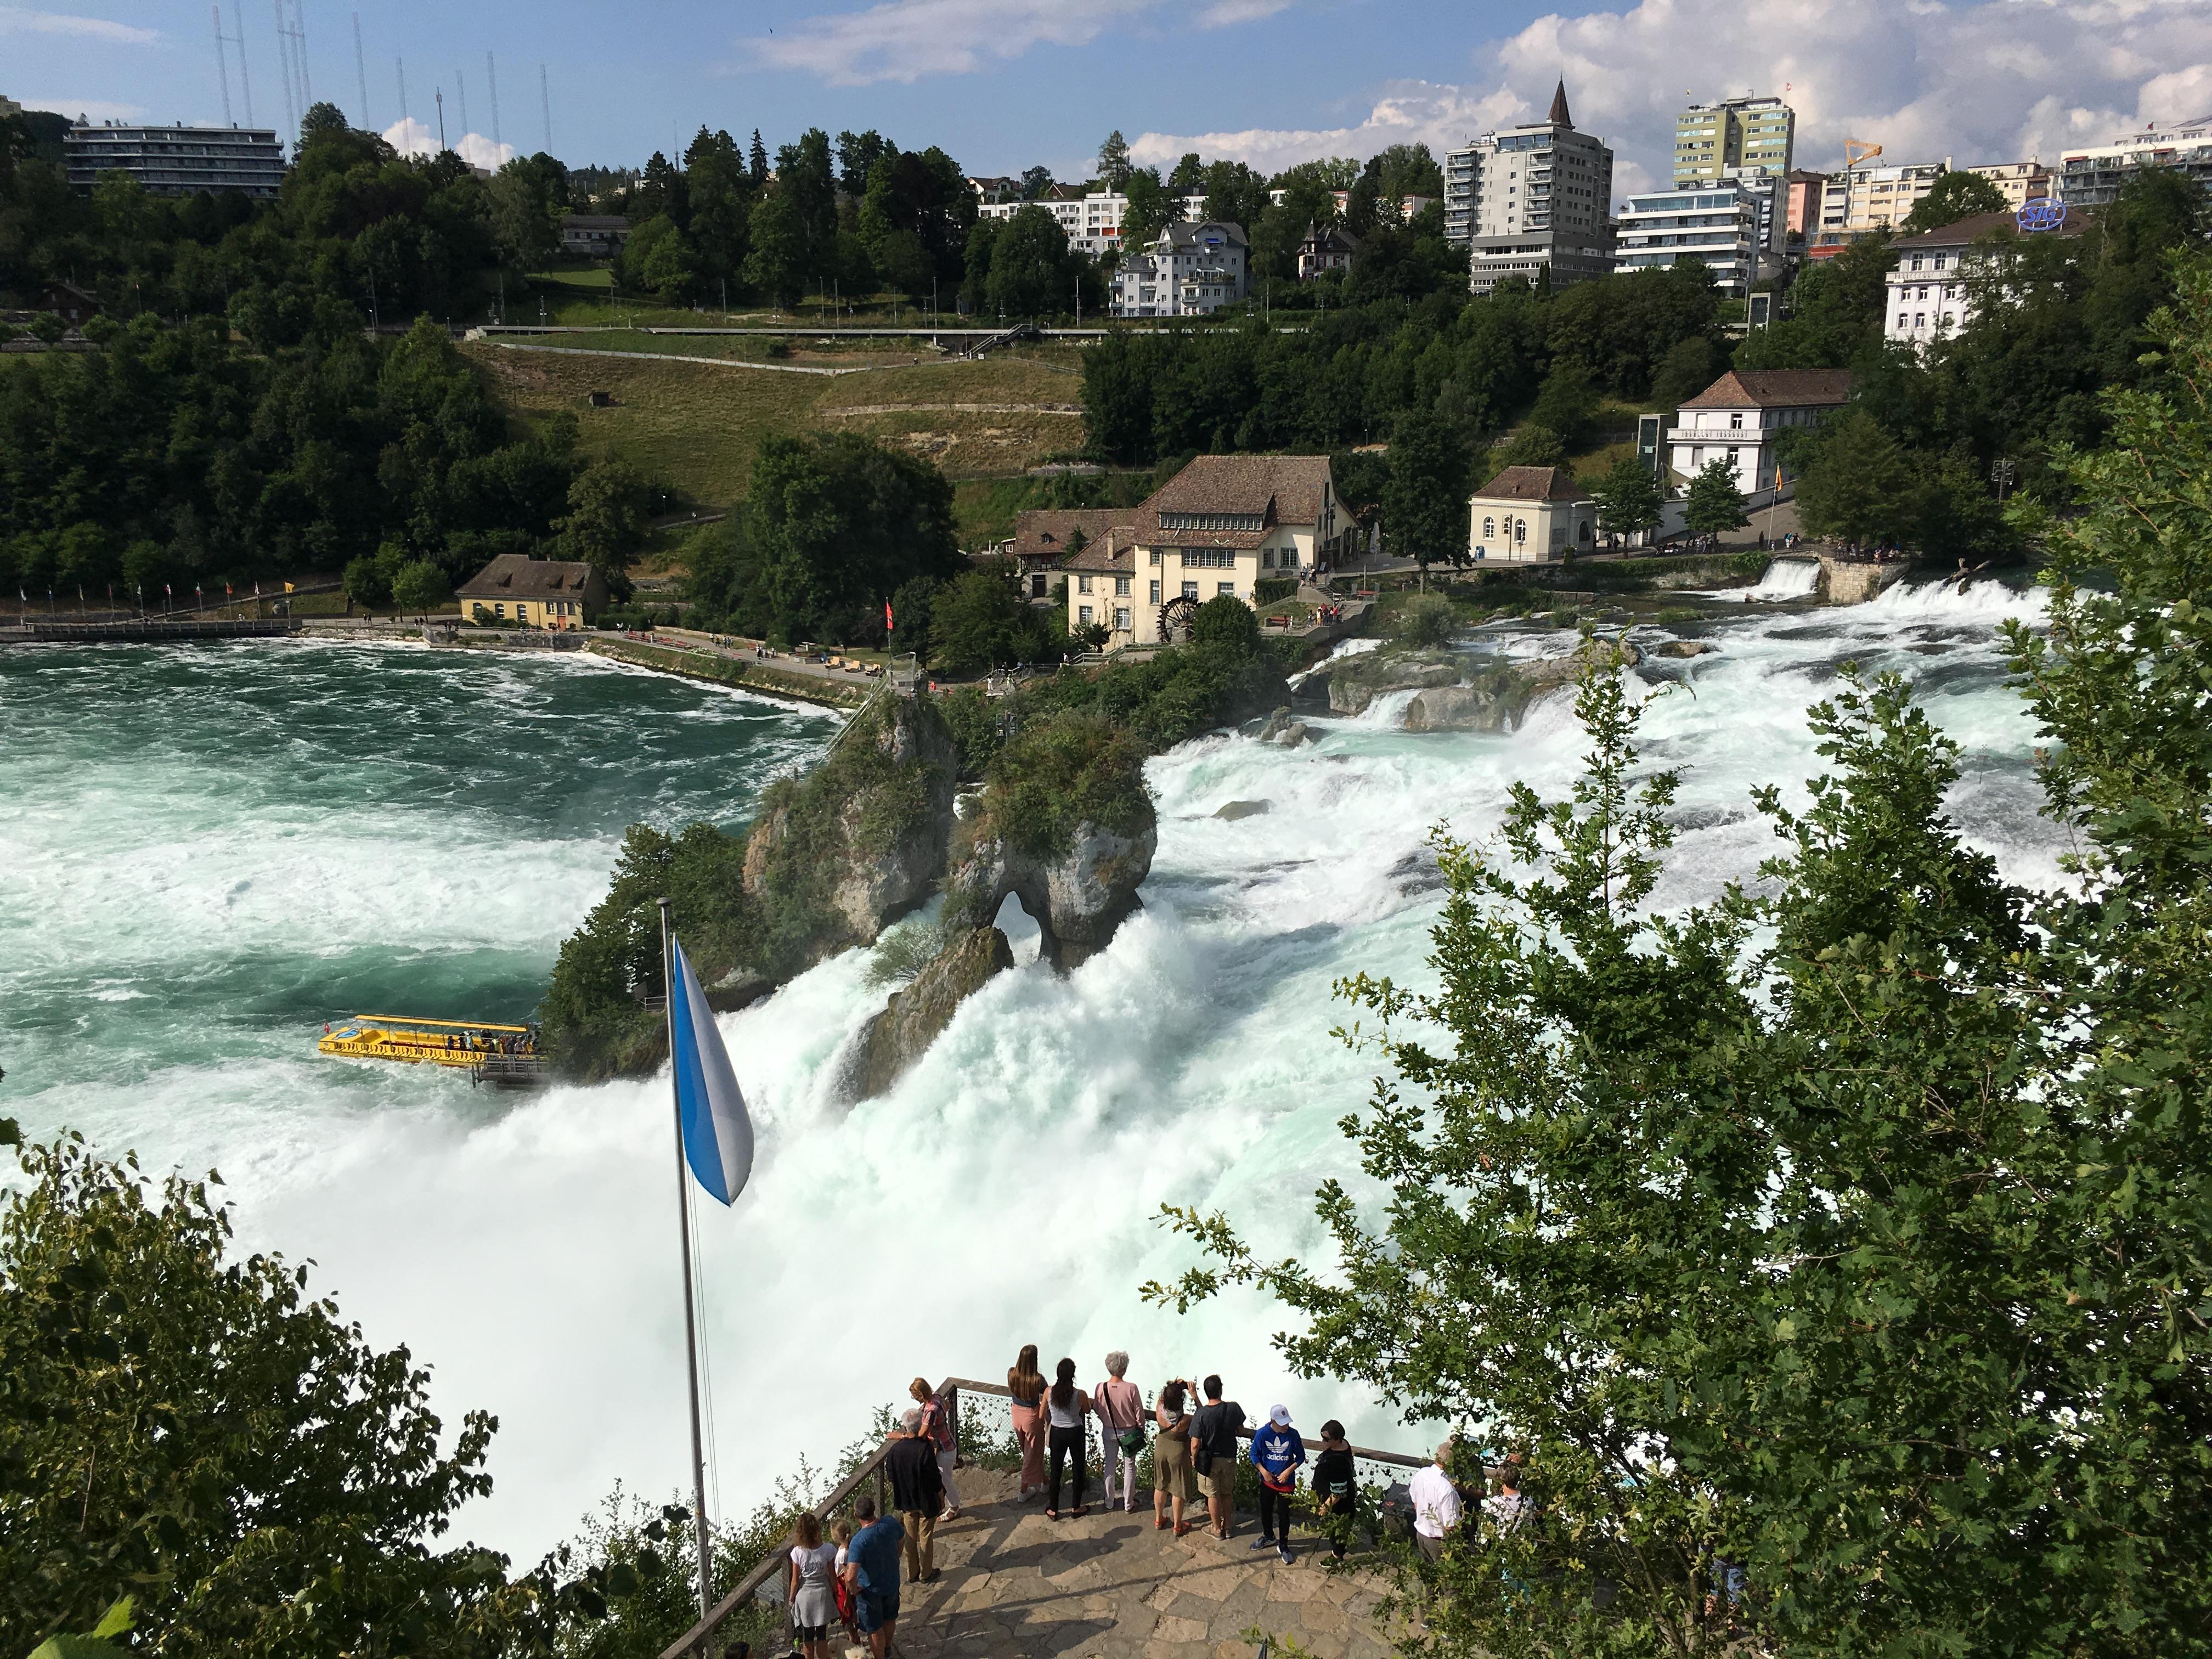 13_Rynske vodopady (12)